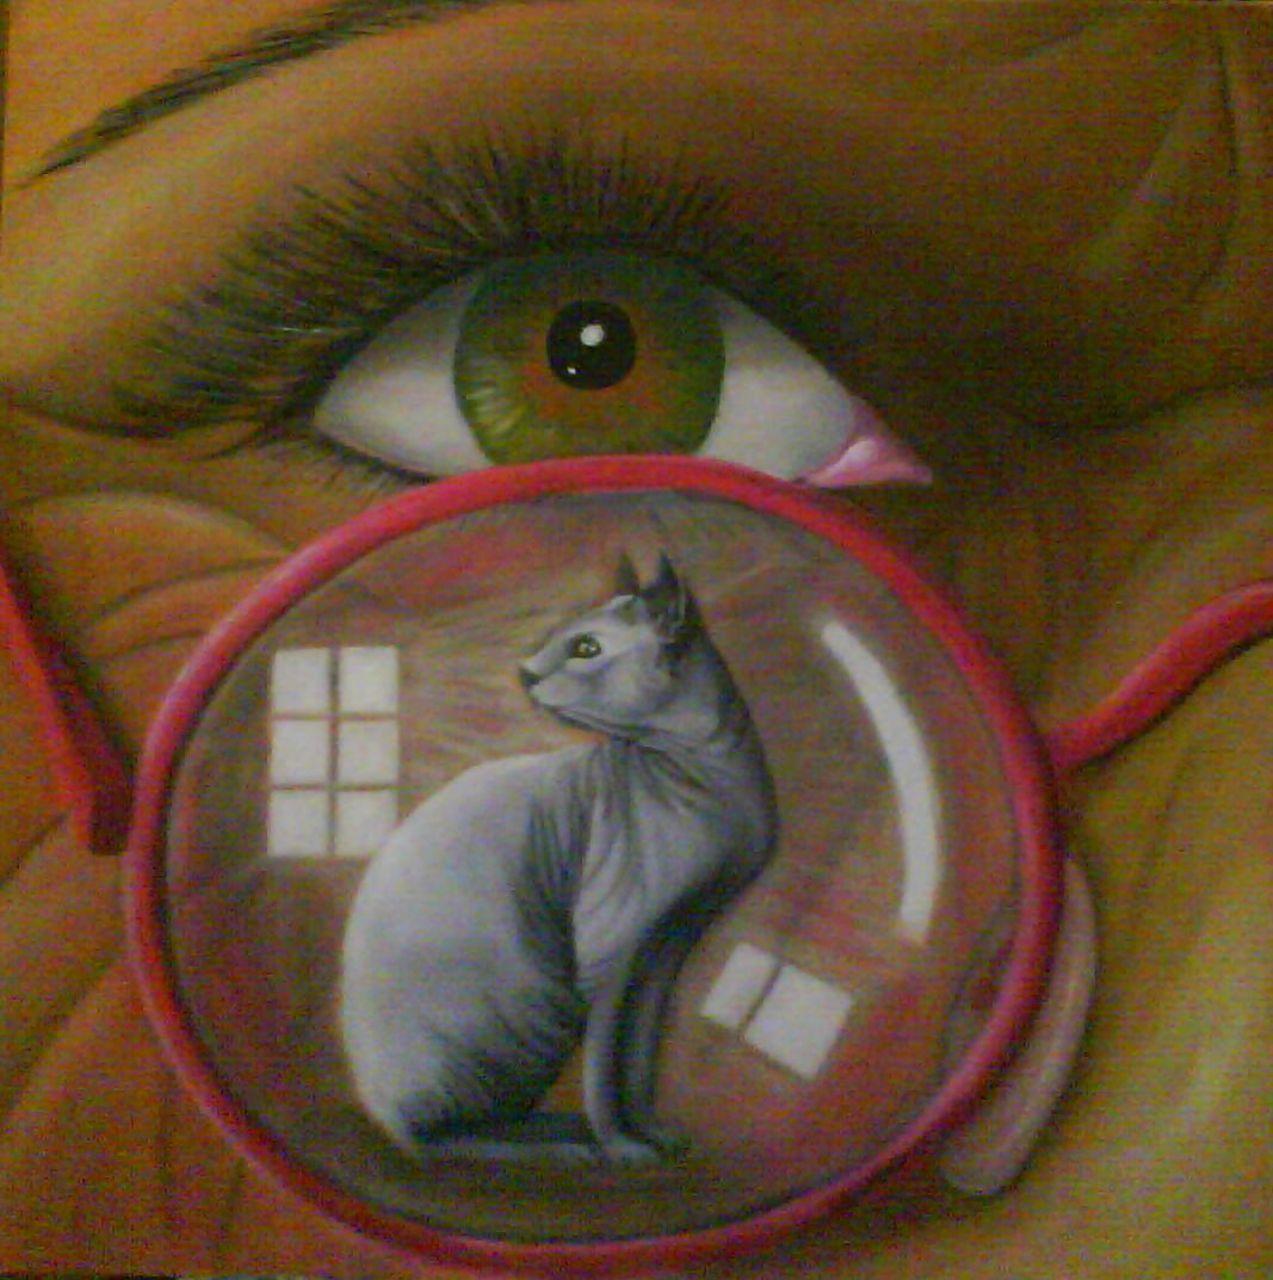 Christine A l'oeil nu